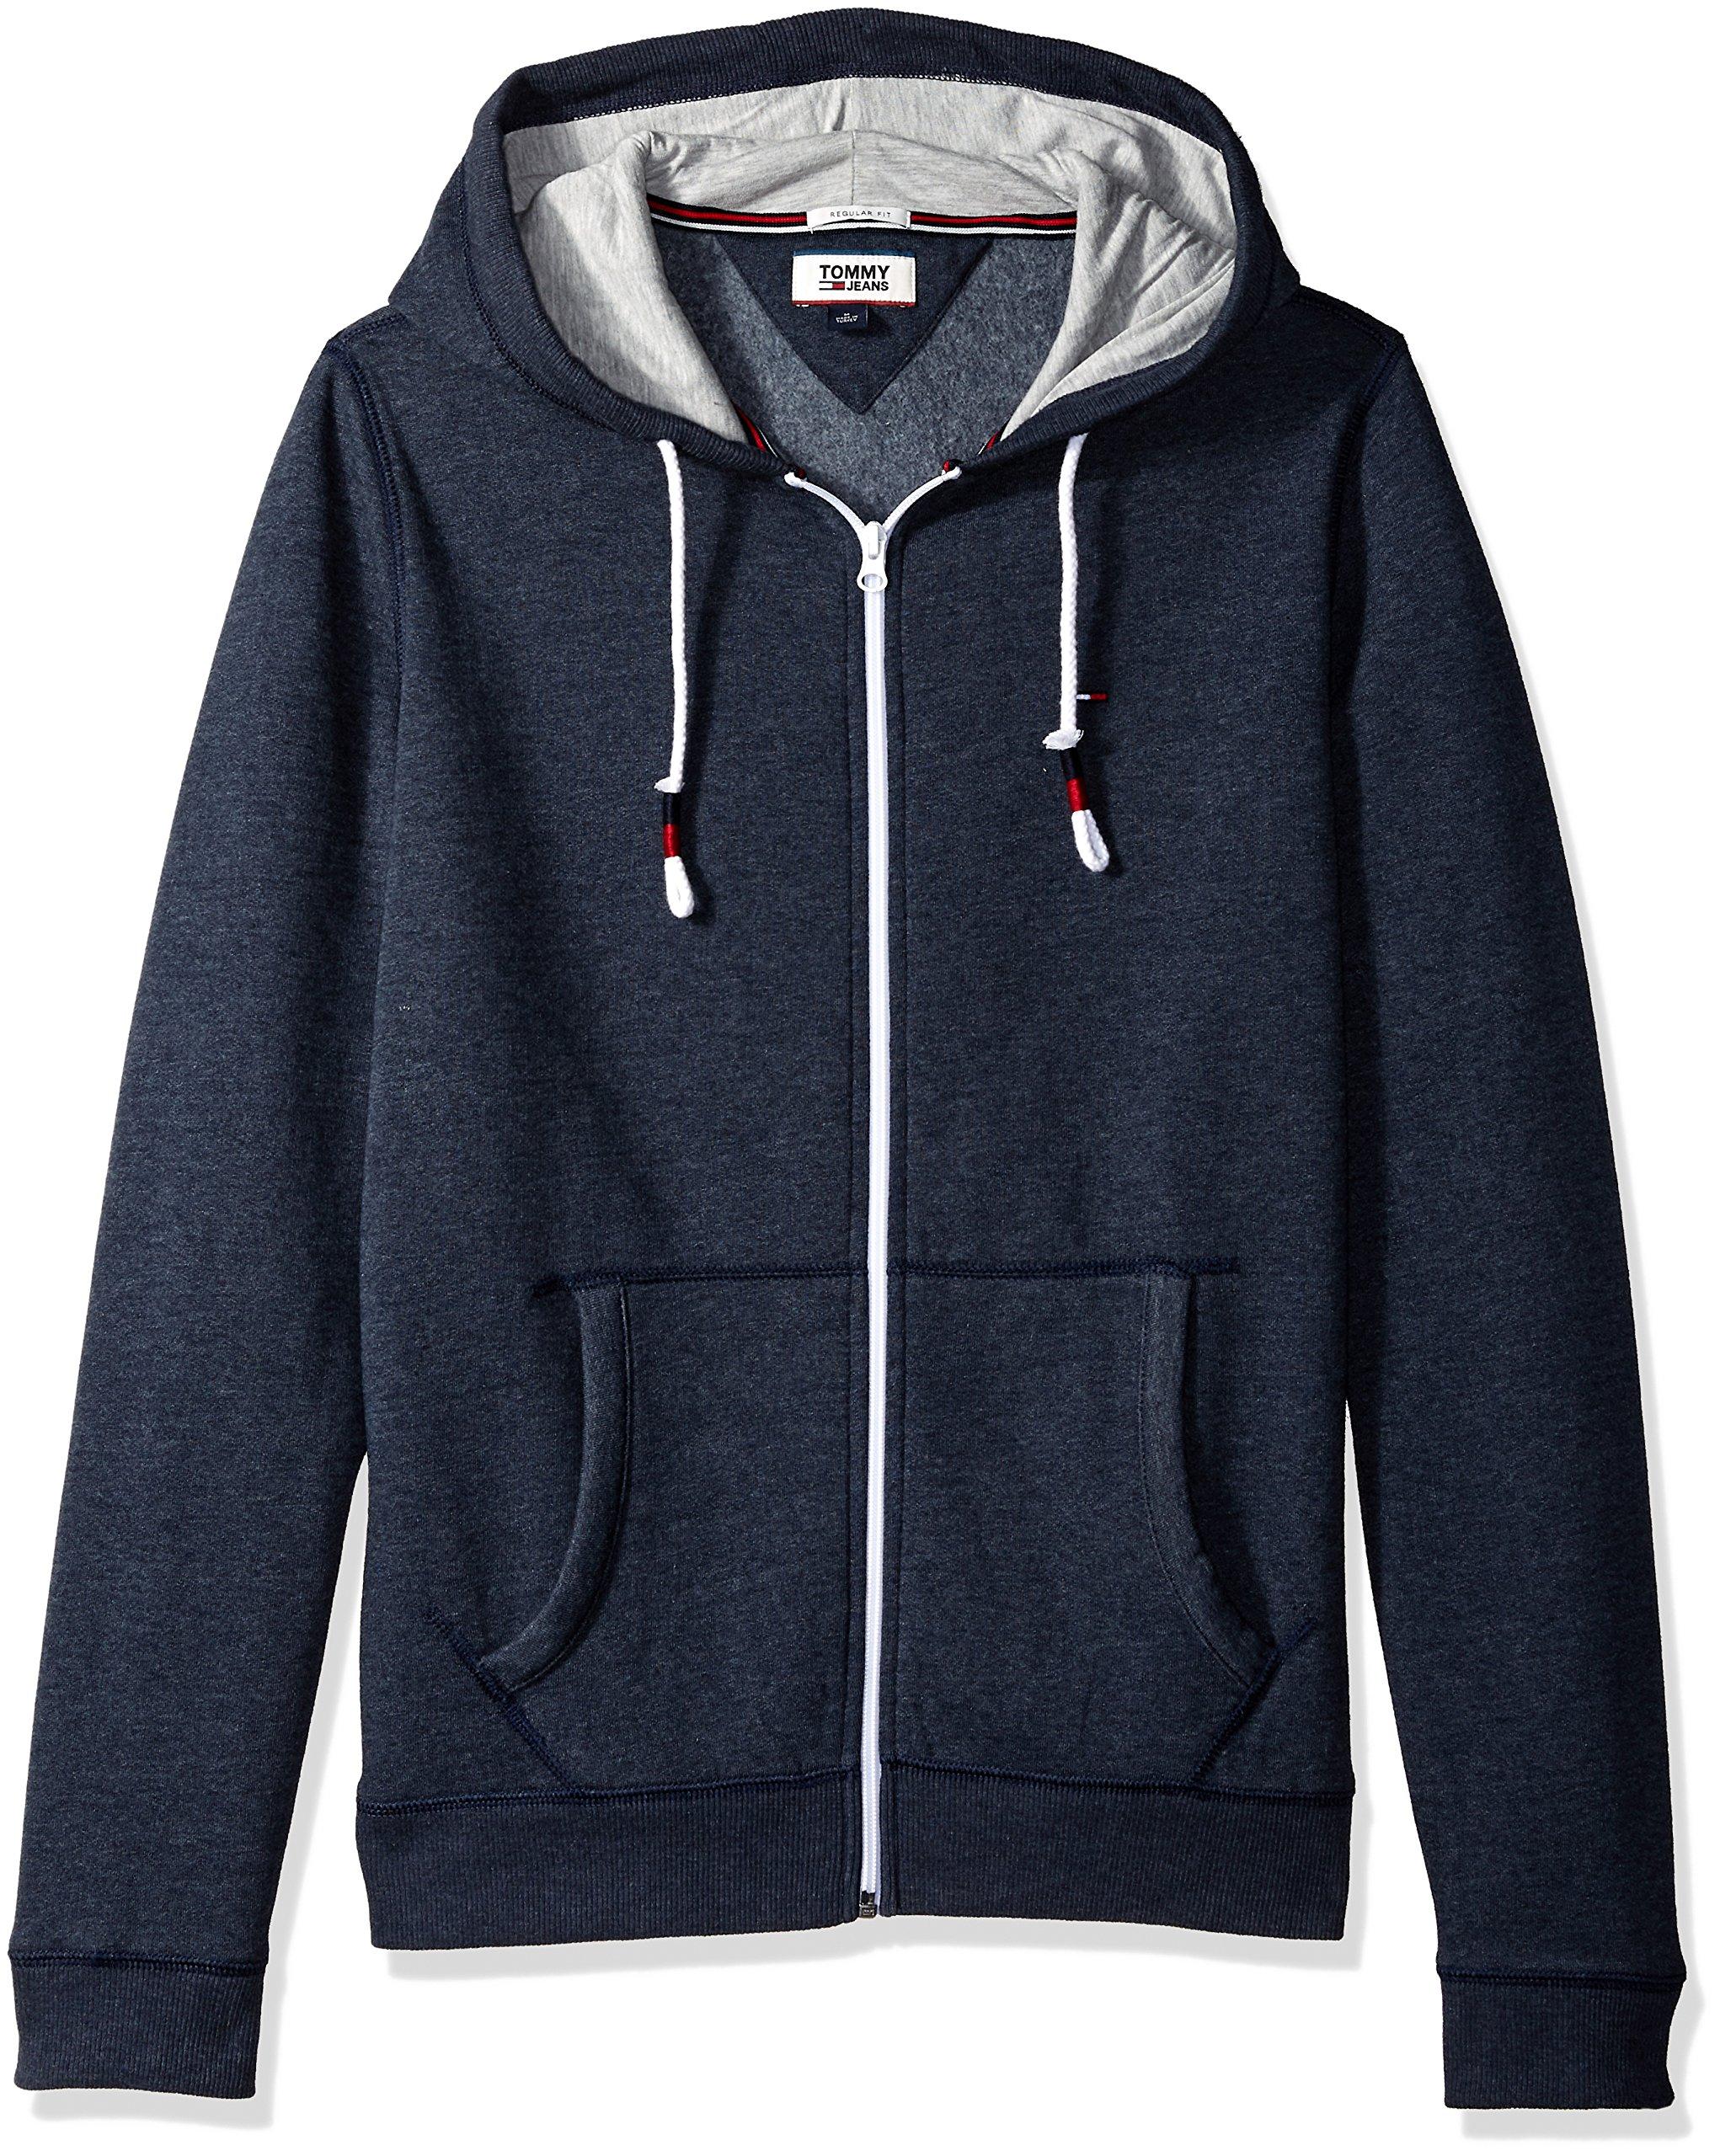 Tommy Jeans Men's Hoodie Full Zip up Sweatshirt, Black Iris, XX-Large